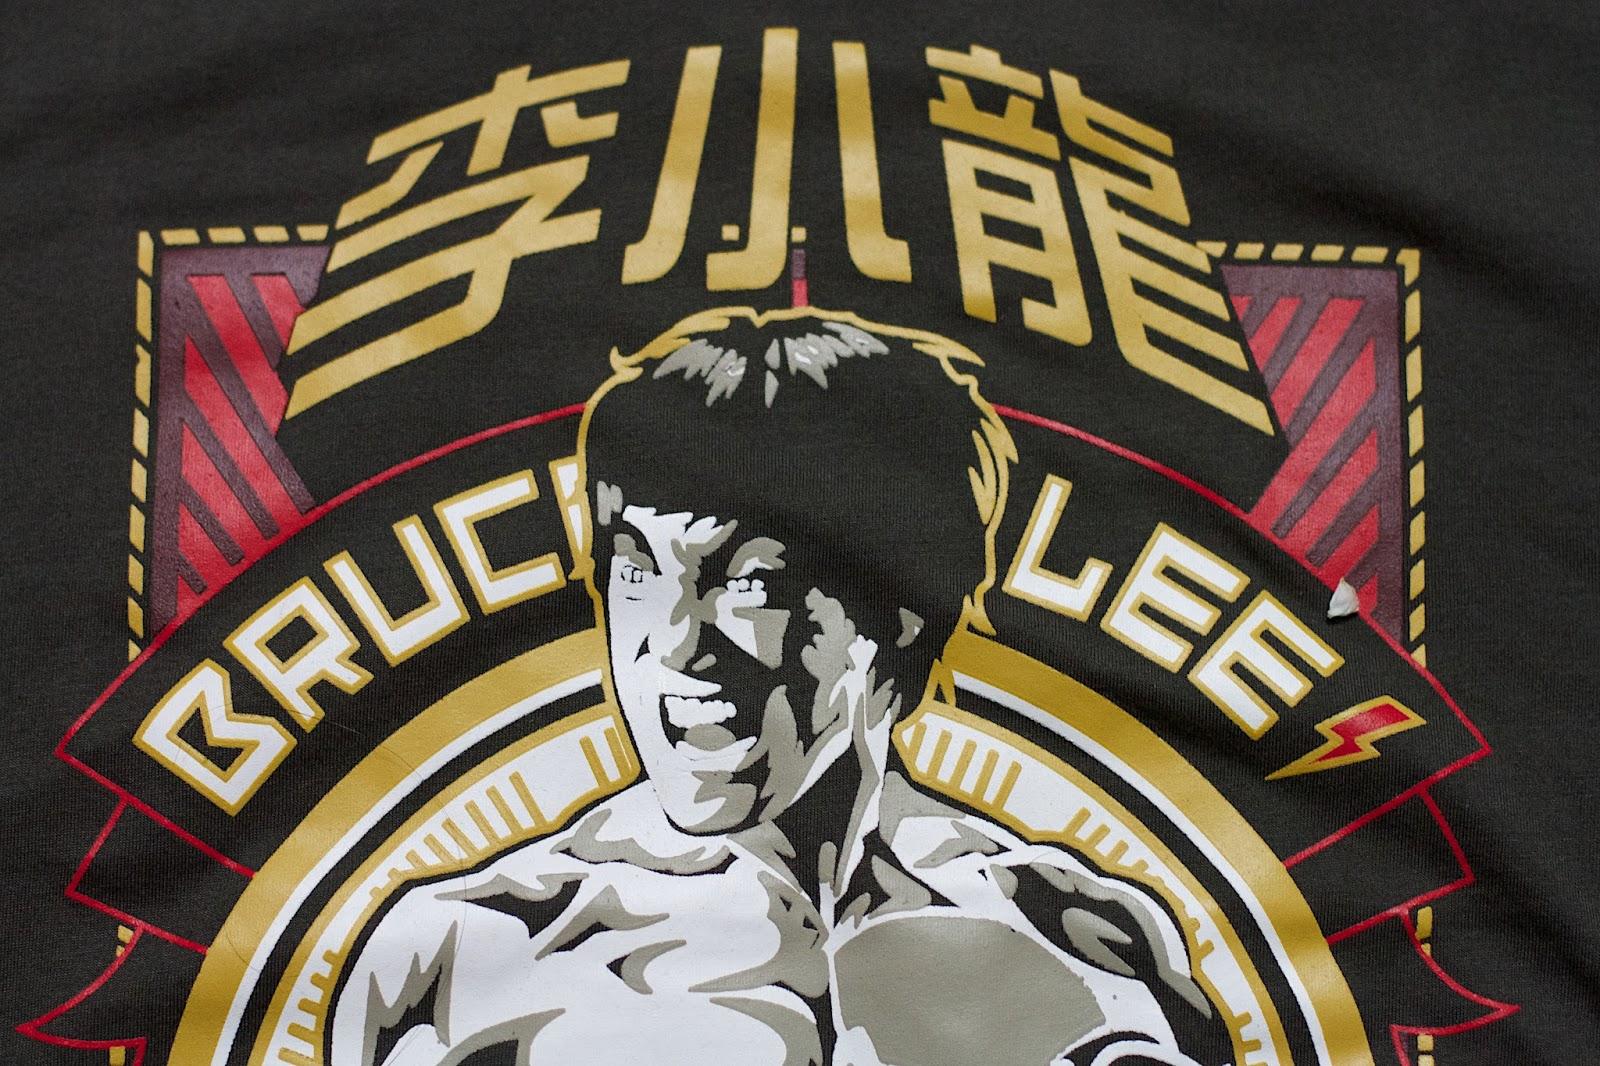 Cartaz com desenho de Bruce Lee fazendo uma de suas caretas